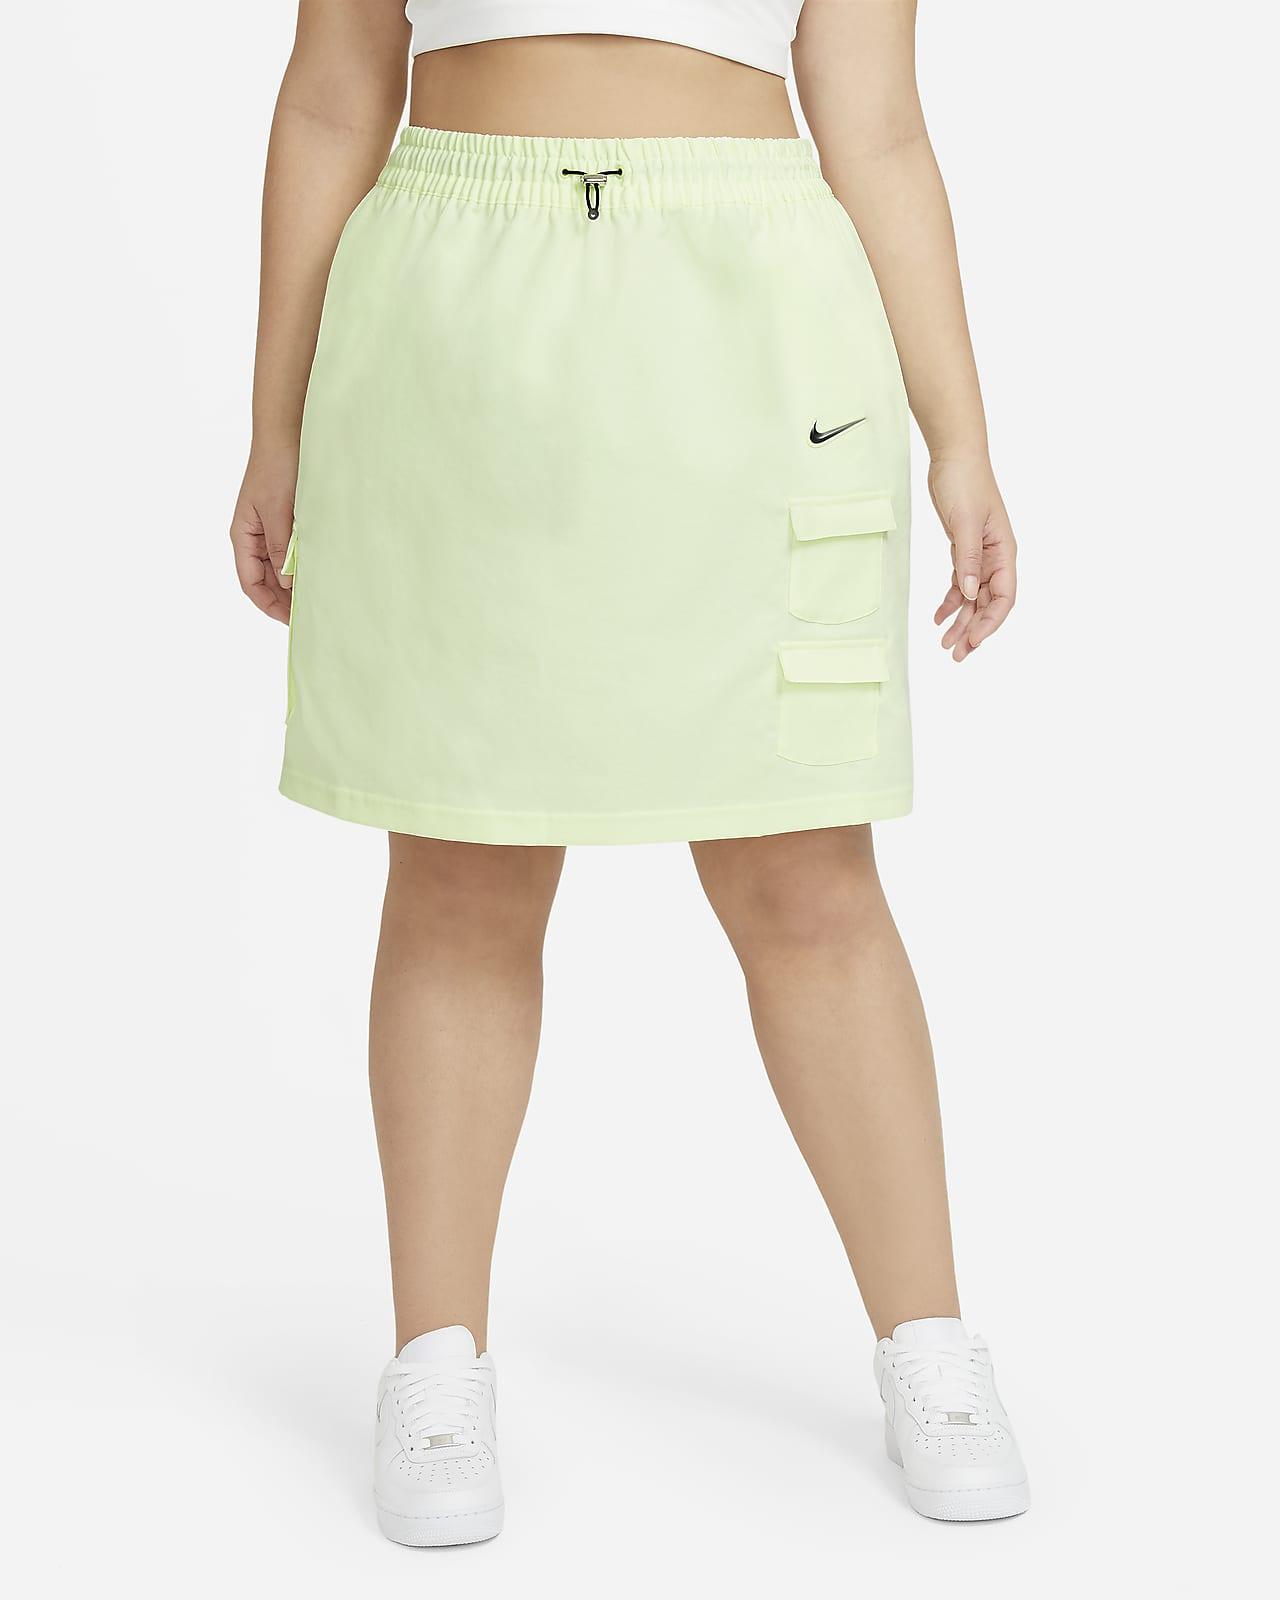 Nike Sportswear Swoosh Falda (Talla grande) - Mujer